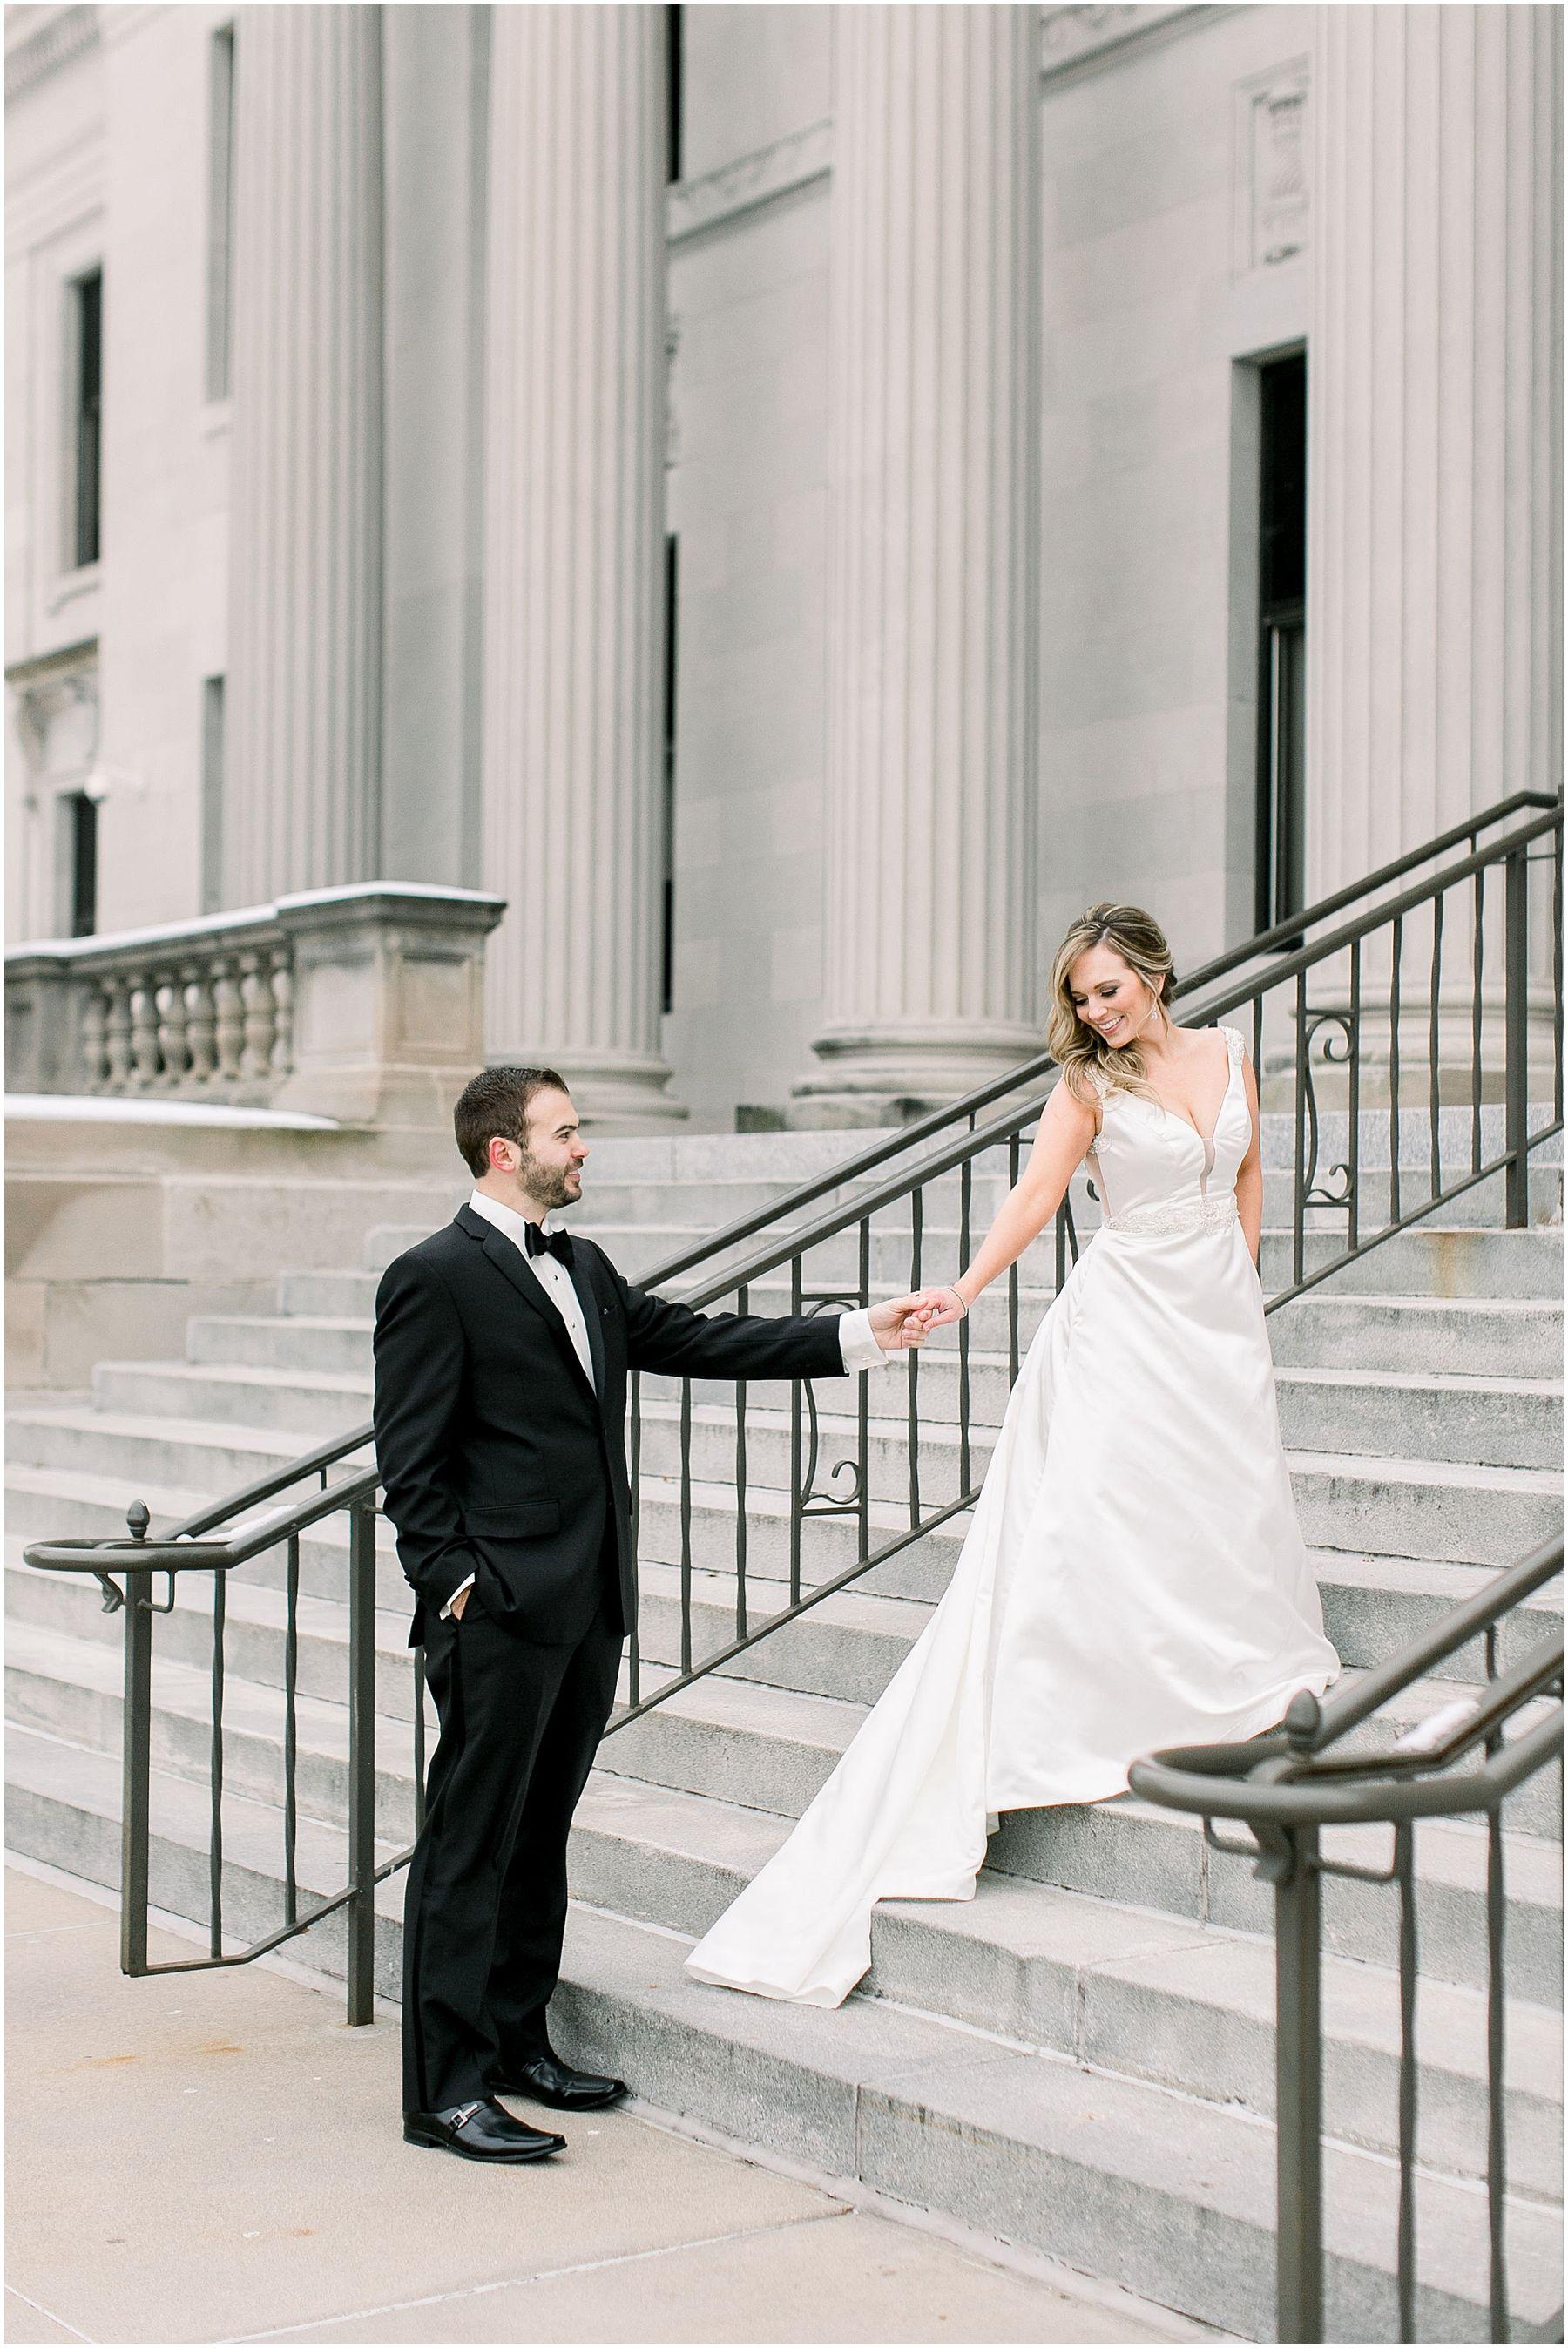 11+ Winter wedding venues cedar rapids information